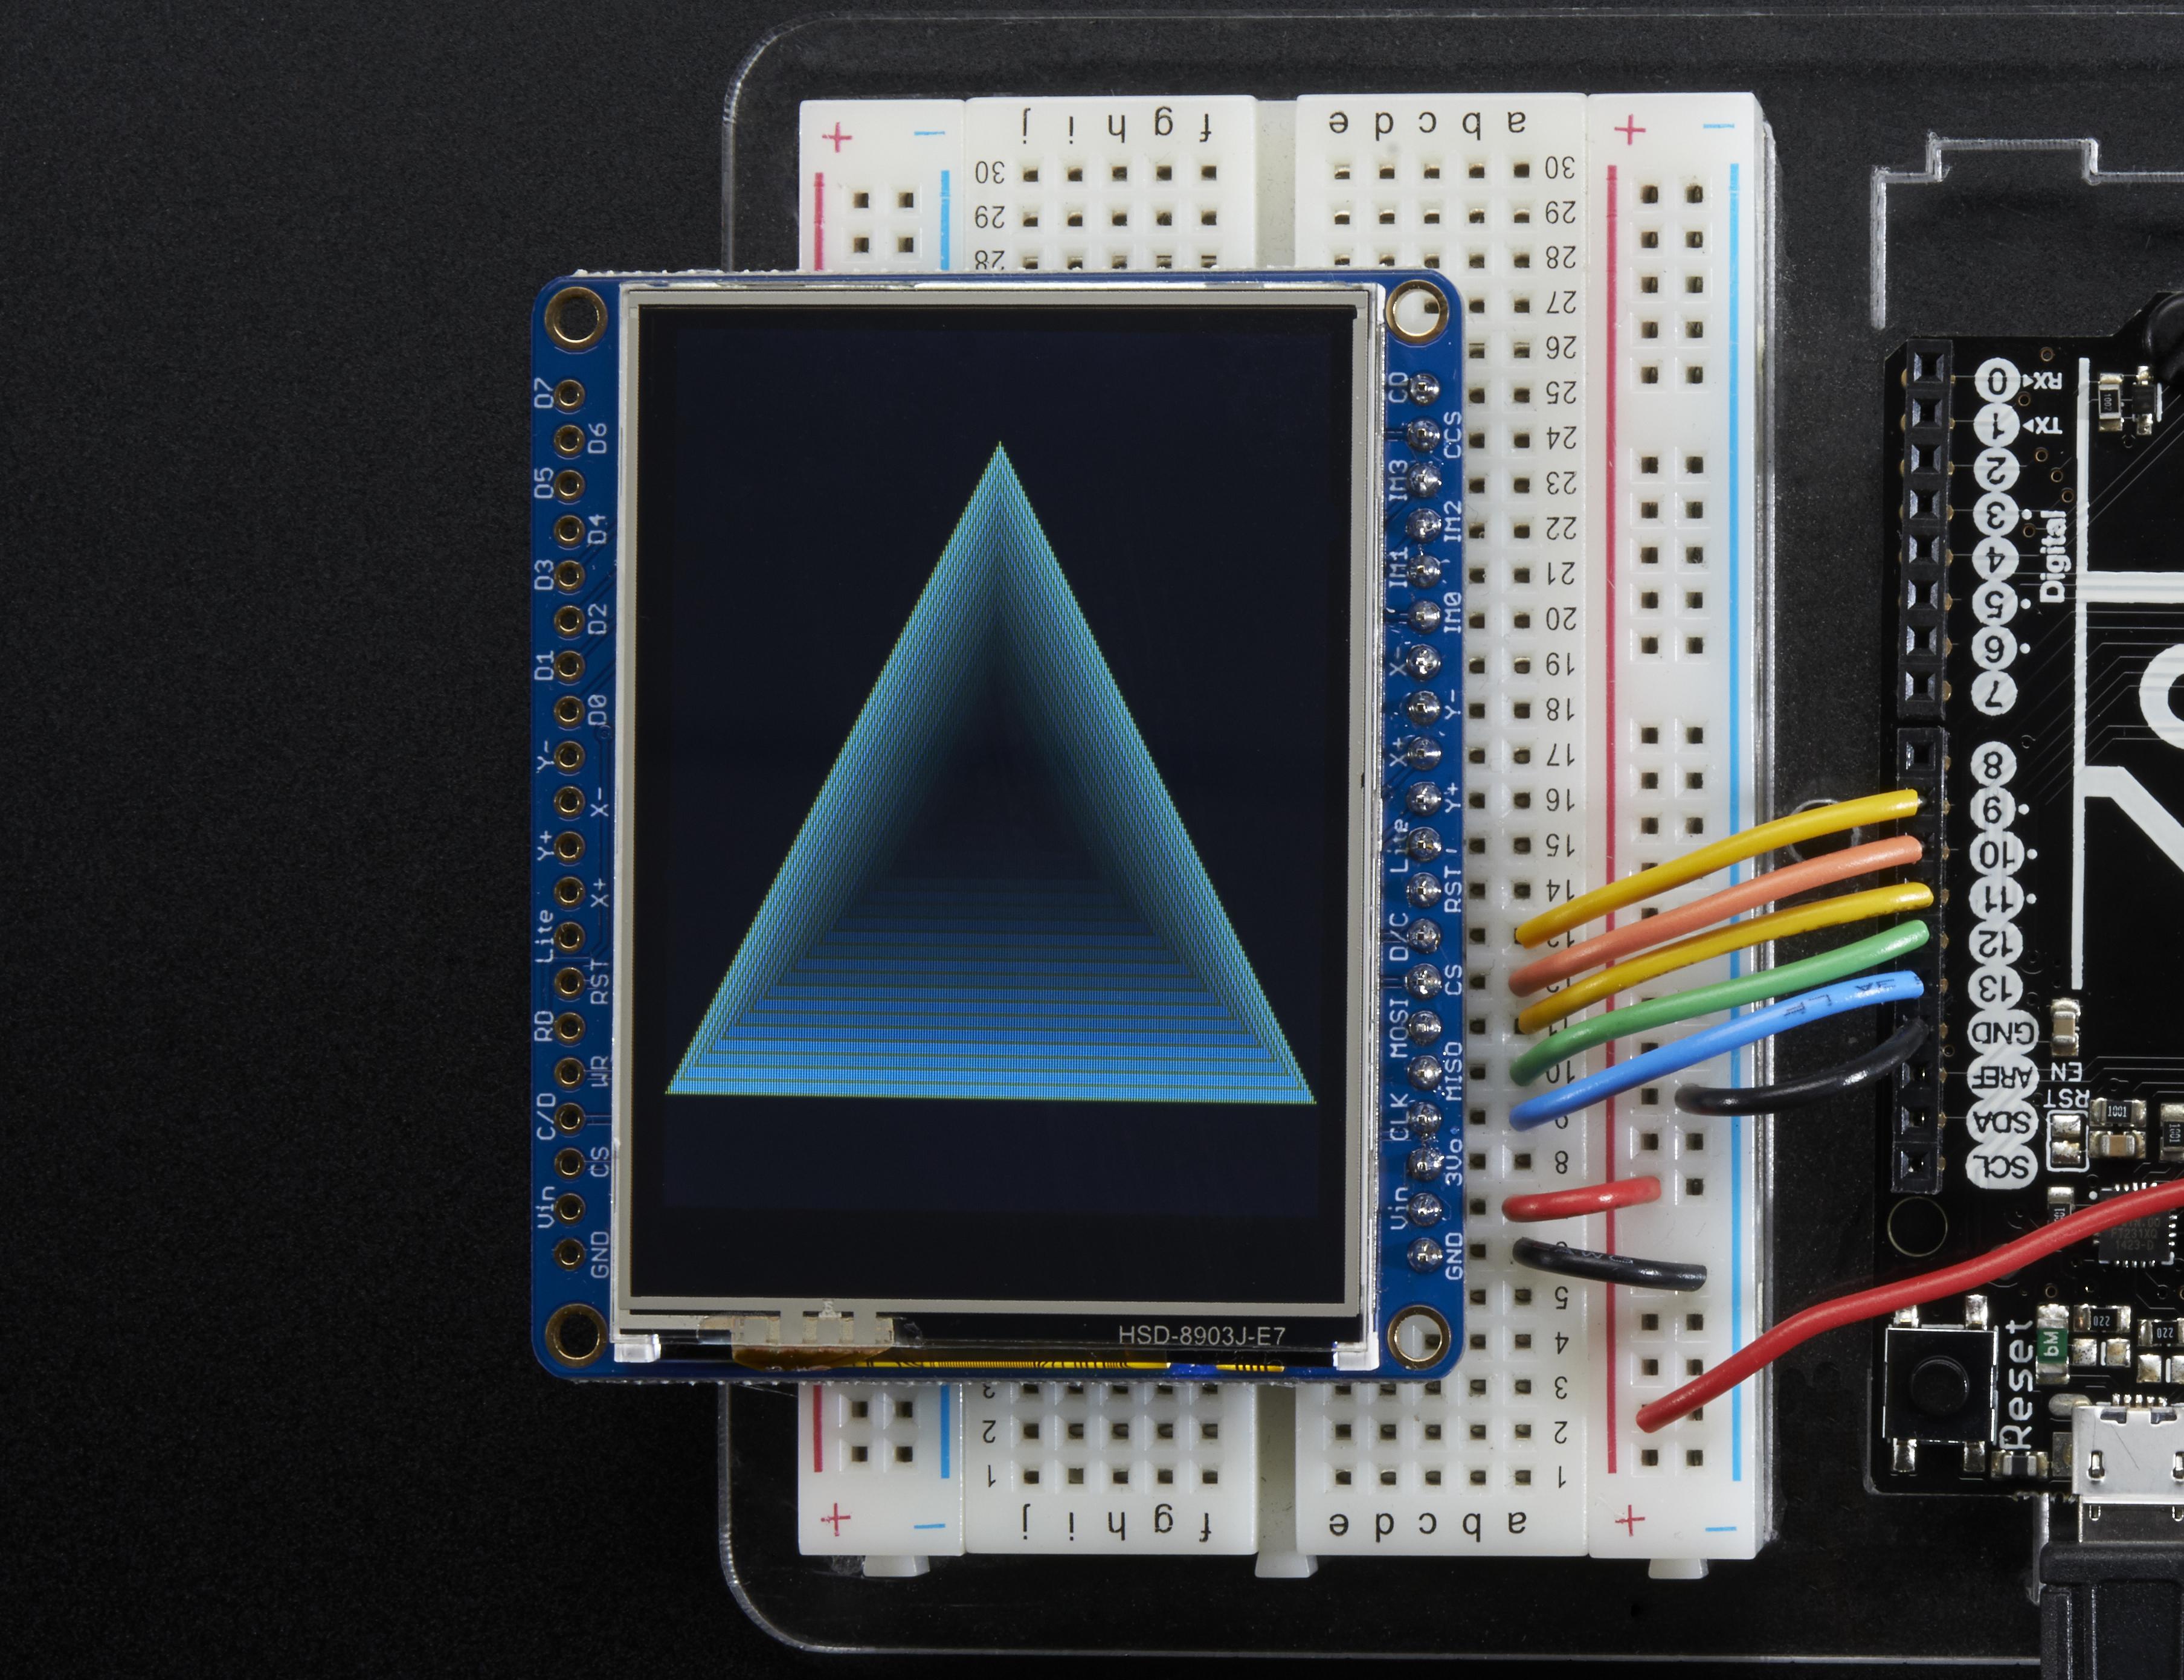 adafruit_products_2478_screen_02_ORIG.jpg